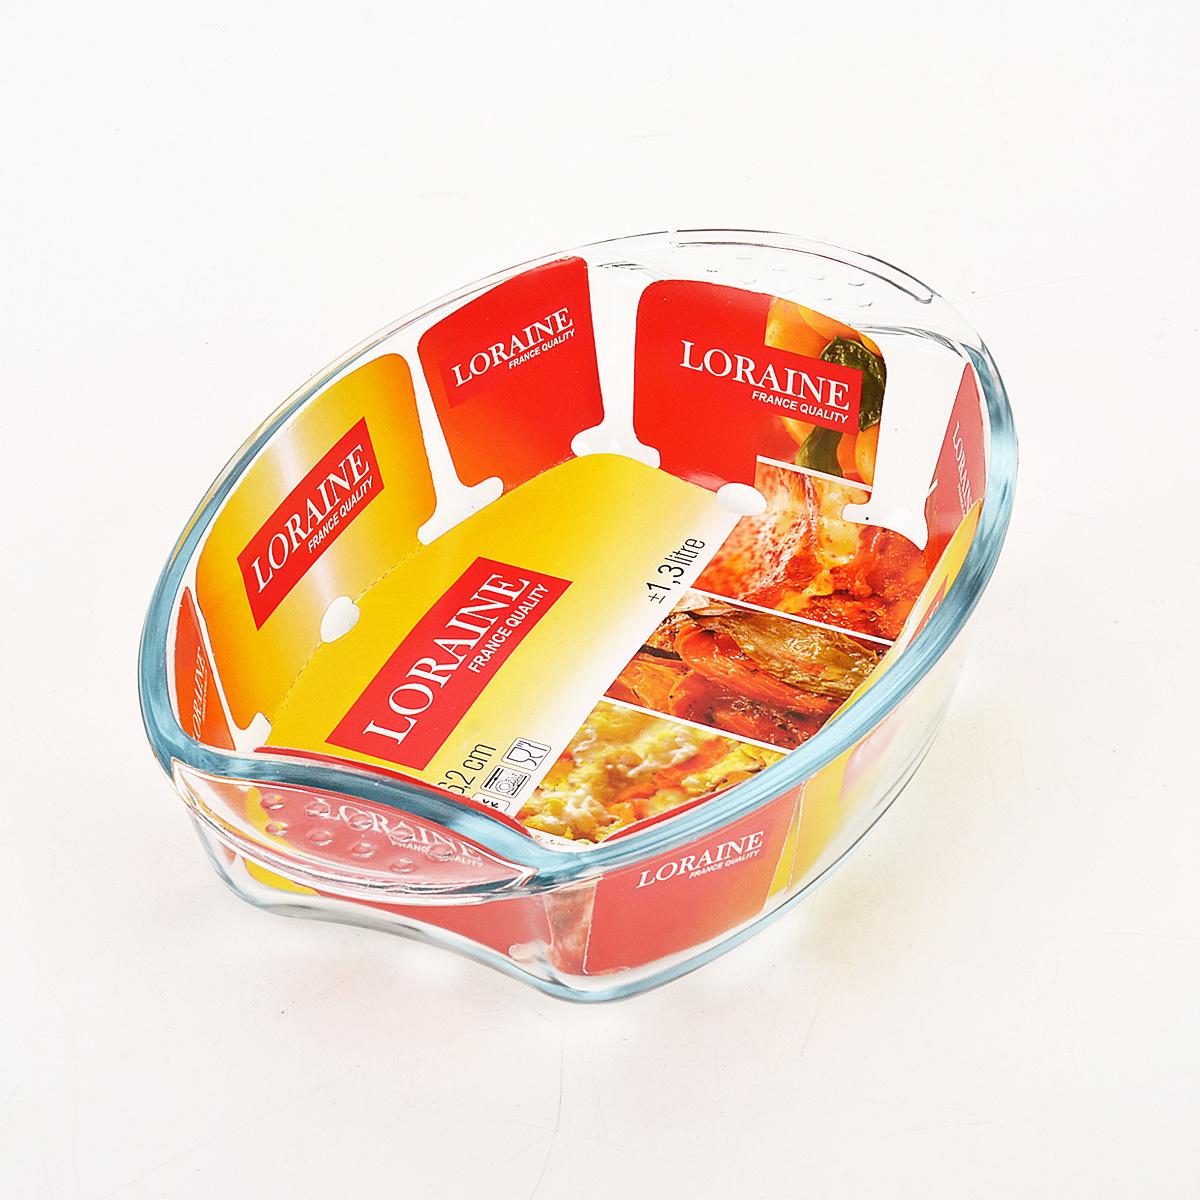 Жаровня Loraine, 1,3 лж34аОвальная жаровня Loraine изготовлена из жаропрочного боросиликатного прозрачного стекла. Стеклянная посуда идеальна для запекания, так как стекло - это экологически чистый, износостойкий и долговечный материал, к которому не прилипает пища, в такой посуде пища сохраняет все свои полезные вещества и микроэлементы. Емкость идеальна для запекания в духовке птицы и мяса, для приготовления лазаньи, запеканки и даже пирогов. С жаровней Loraine вы всегда сможете порадовать своих близких оригинальной выпечкой.Подходит для использования в духовке при температуре до +400°С, в морозильной камере при температуре до -40°С. Можно использовать в микроволновой печи. Подходит для мытья в посудомоечной машине. Объем: 1,3 л. Размер жаровни (с учетом ручек): 26 см х 18 см. Высота стенки: 6 см.